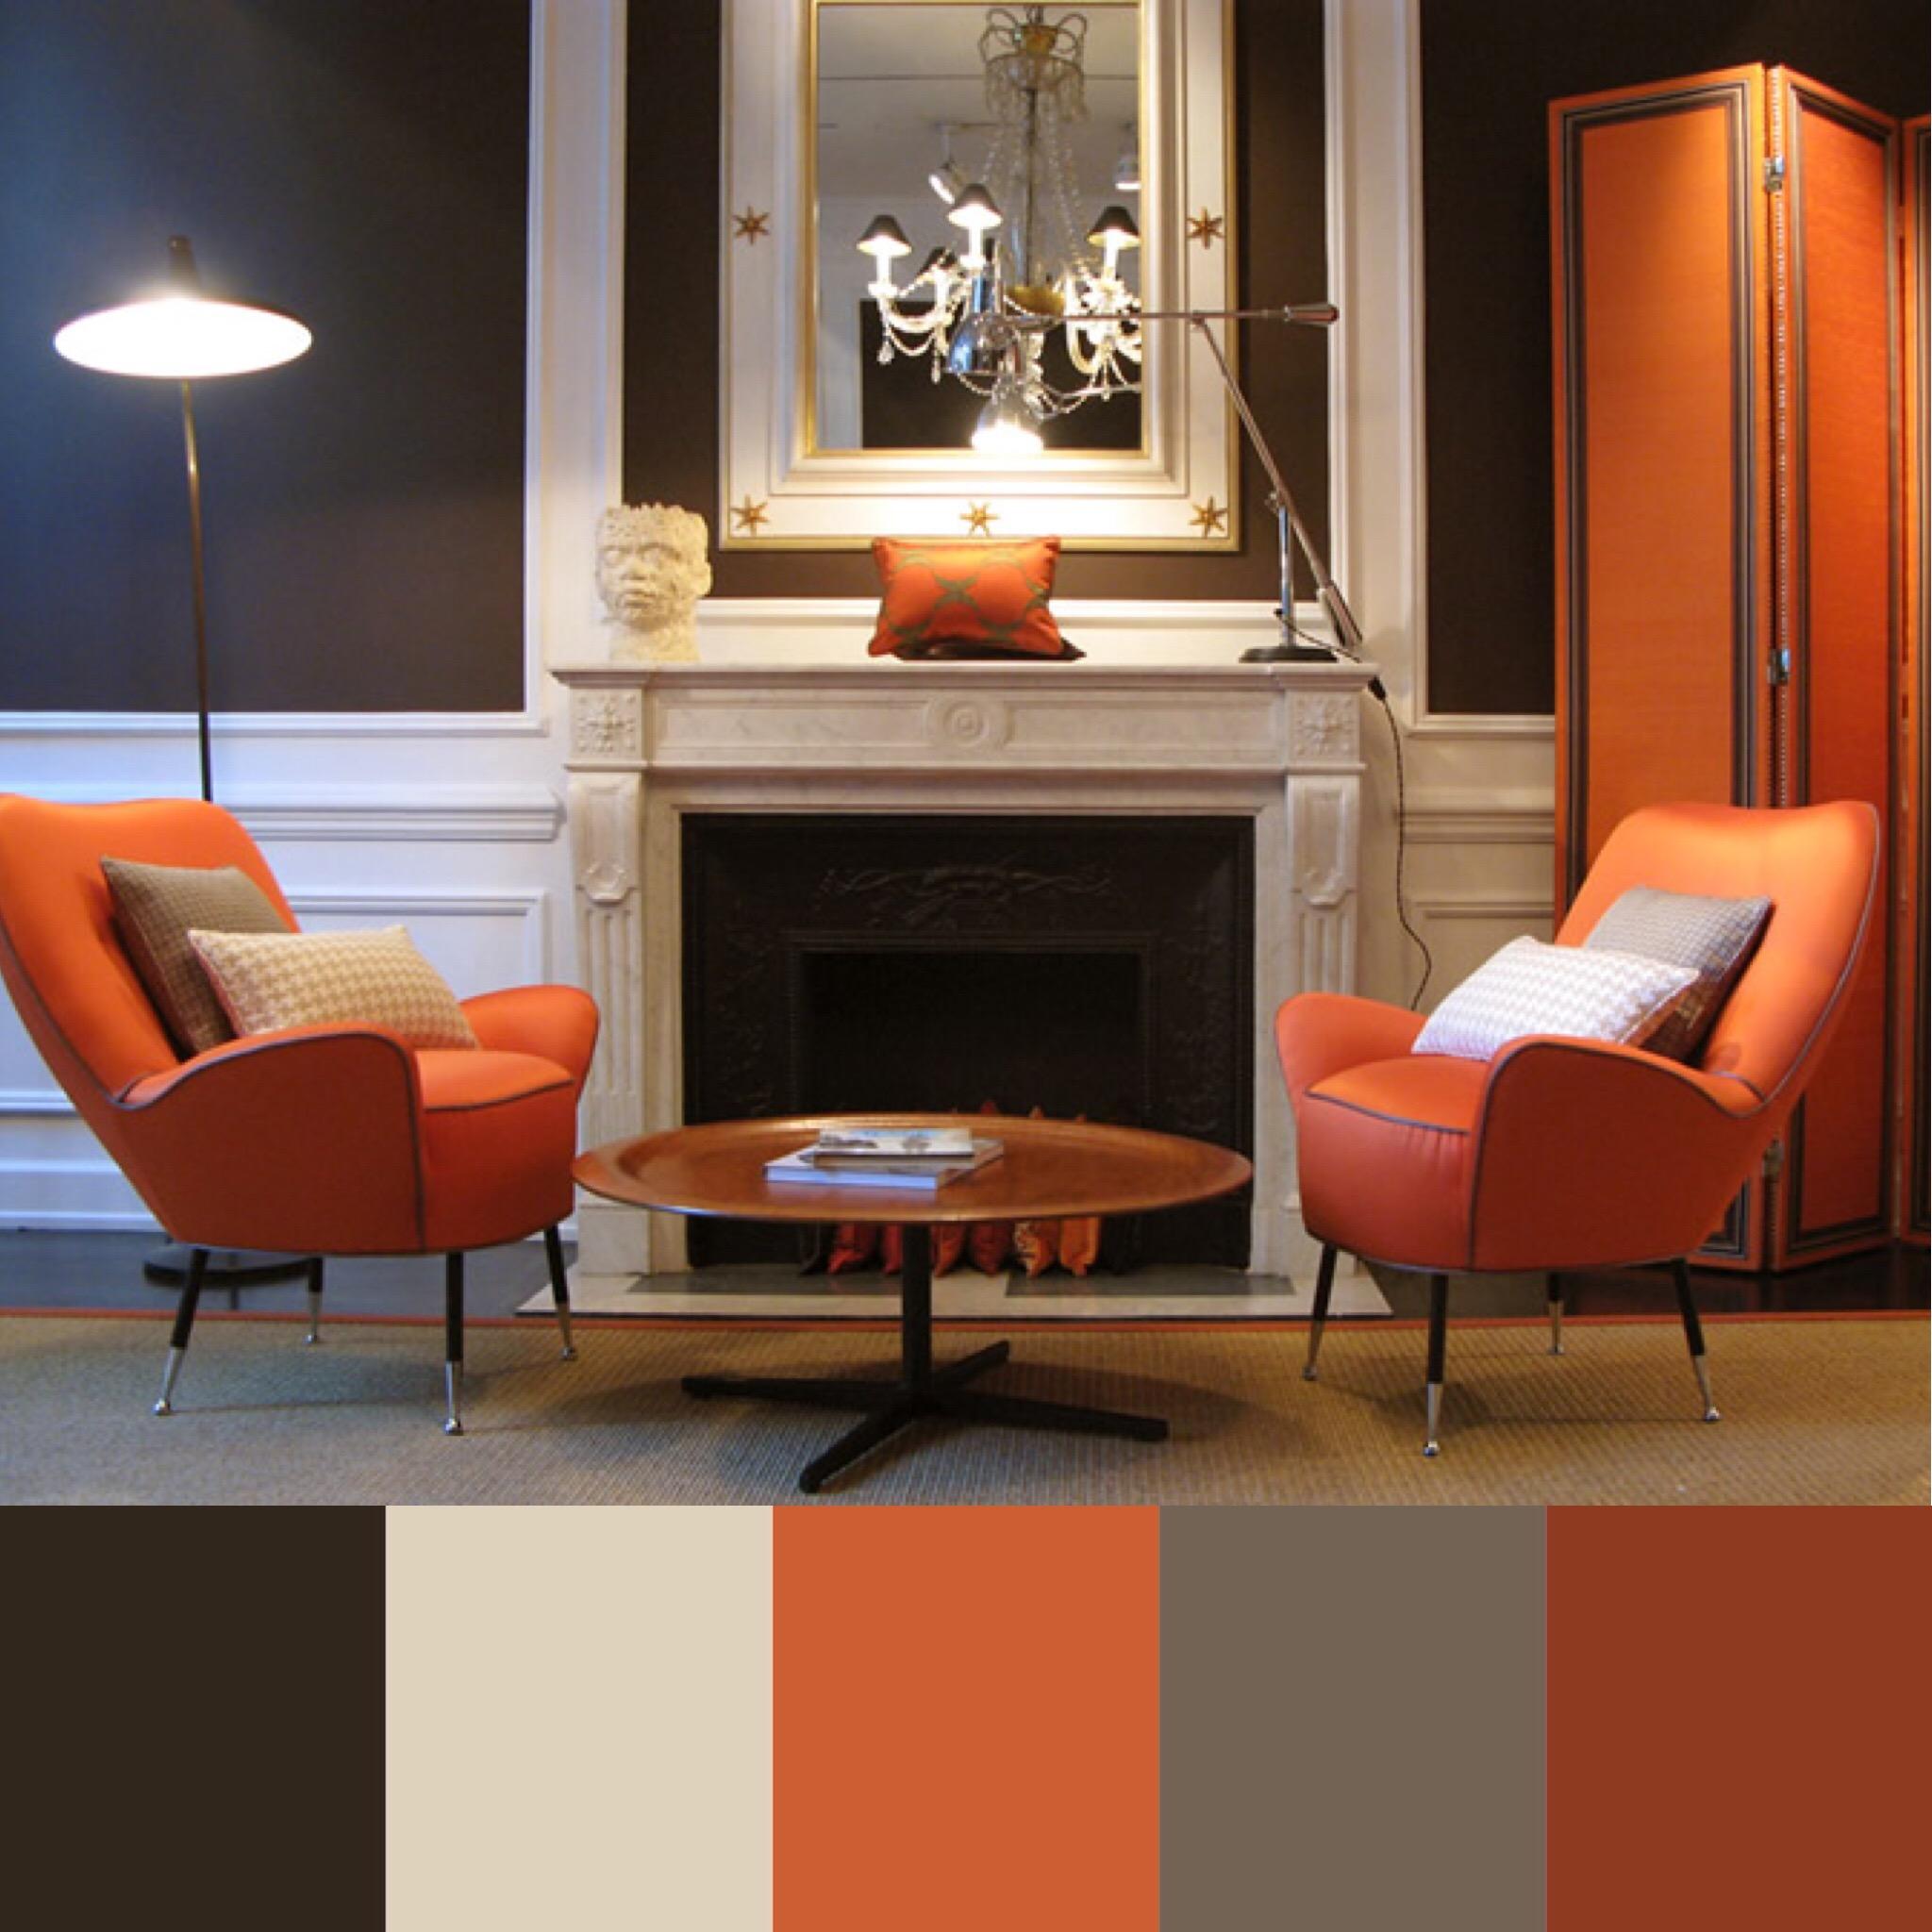 Modinobili colori per interni i neutri. Come Abbinare I Colori In Casa Consulente Di Immagine Rossella Migliaccio